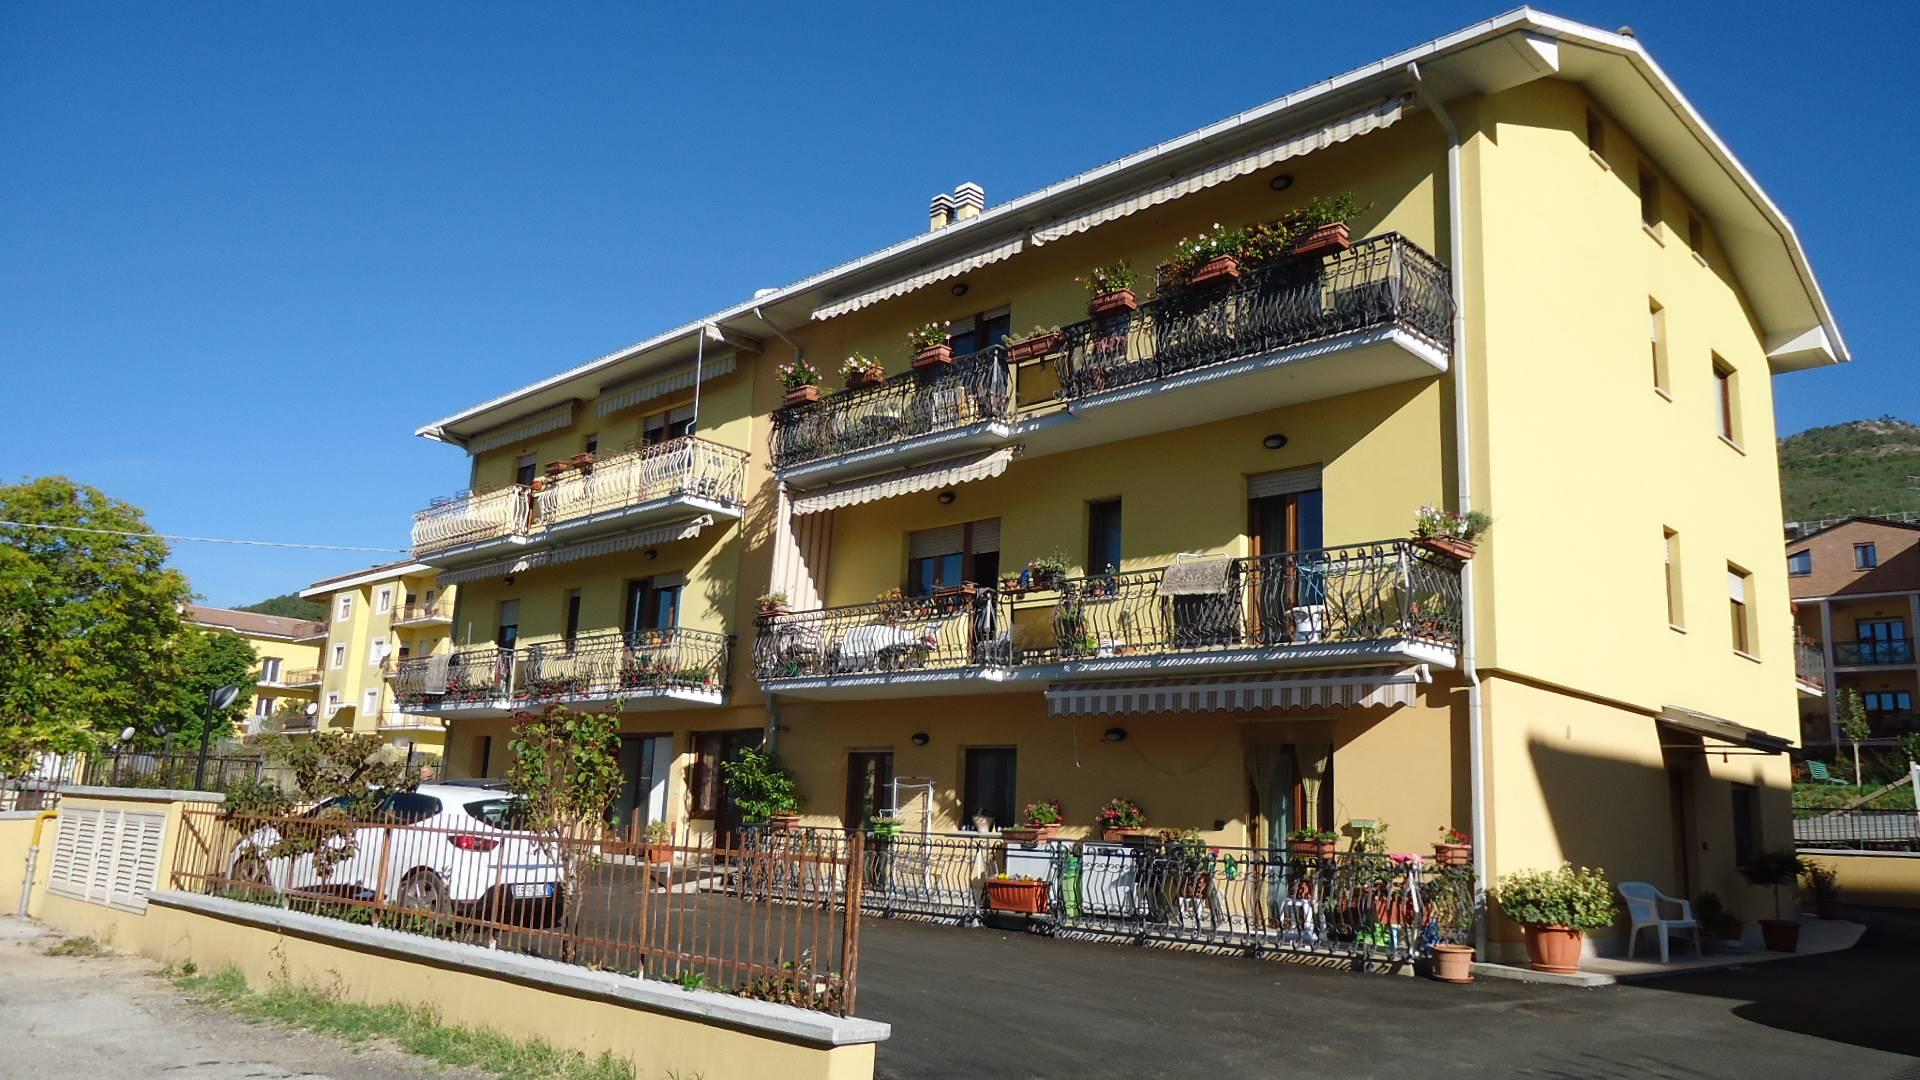 Appartamento in affitto a L'Aquila, 4 locali, zona Località: S.Sisto, prezzo € 600 | CambioCasa.it